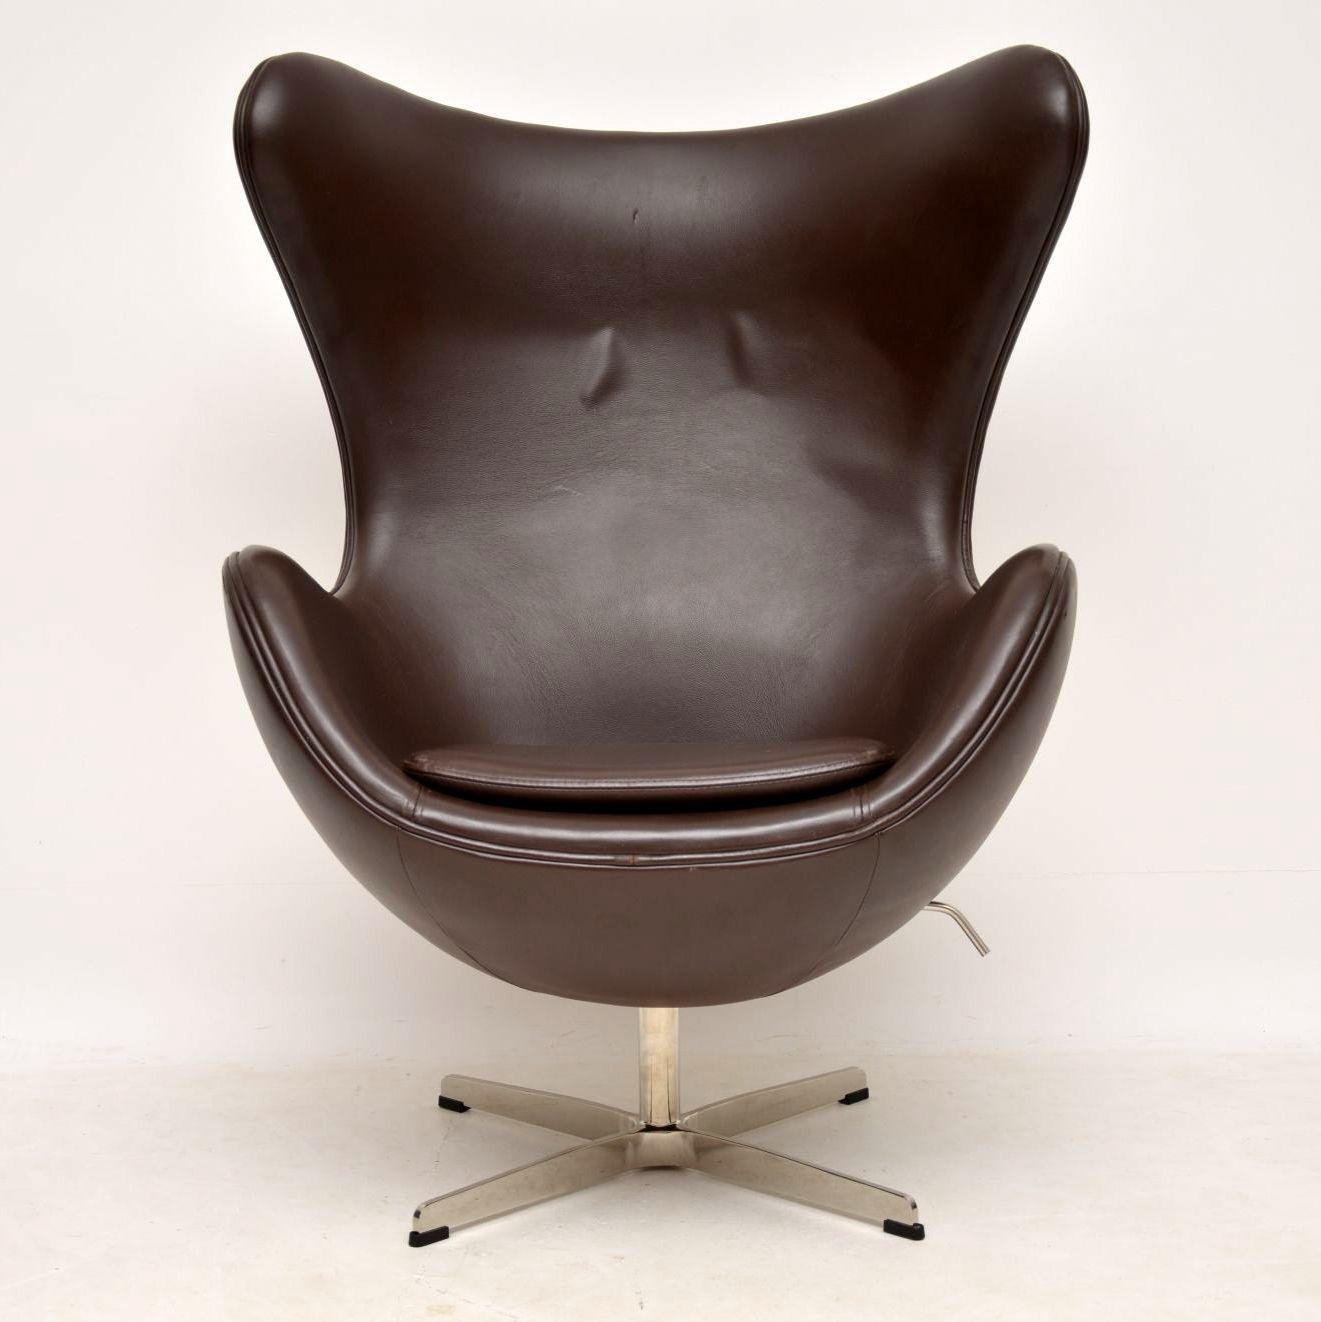 Egg Chair Arne Jacobsen Kopie.Arne Jacobsen Leather Swivel Egg Chair Retrospective Interiors